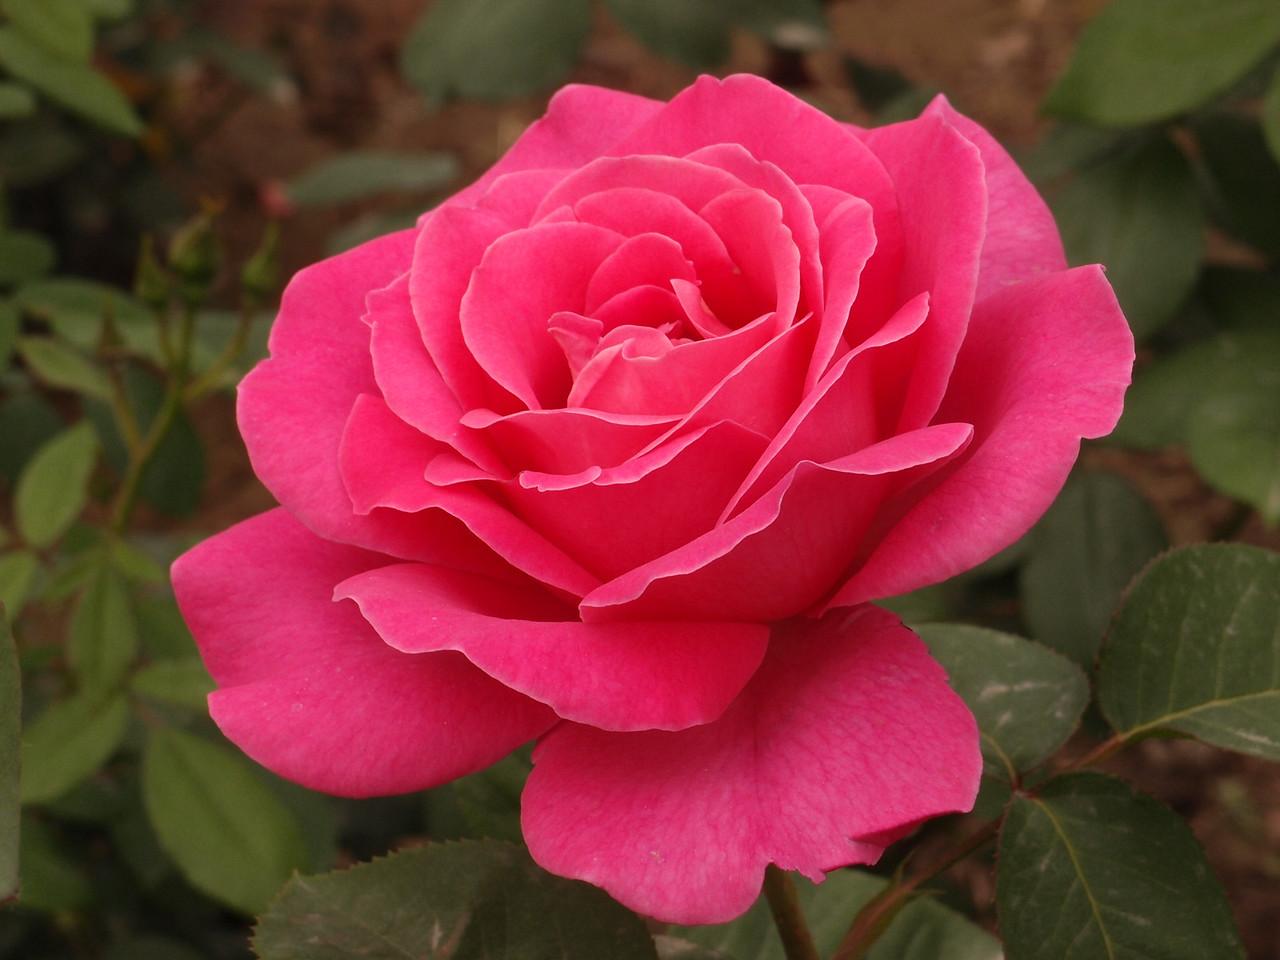 20120513_1324_0336 rose